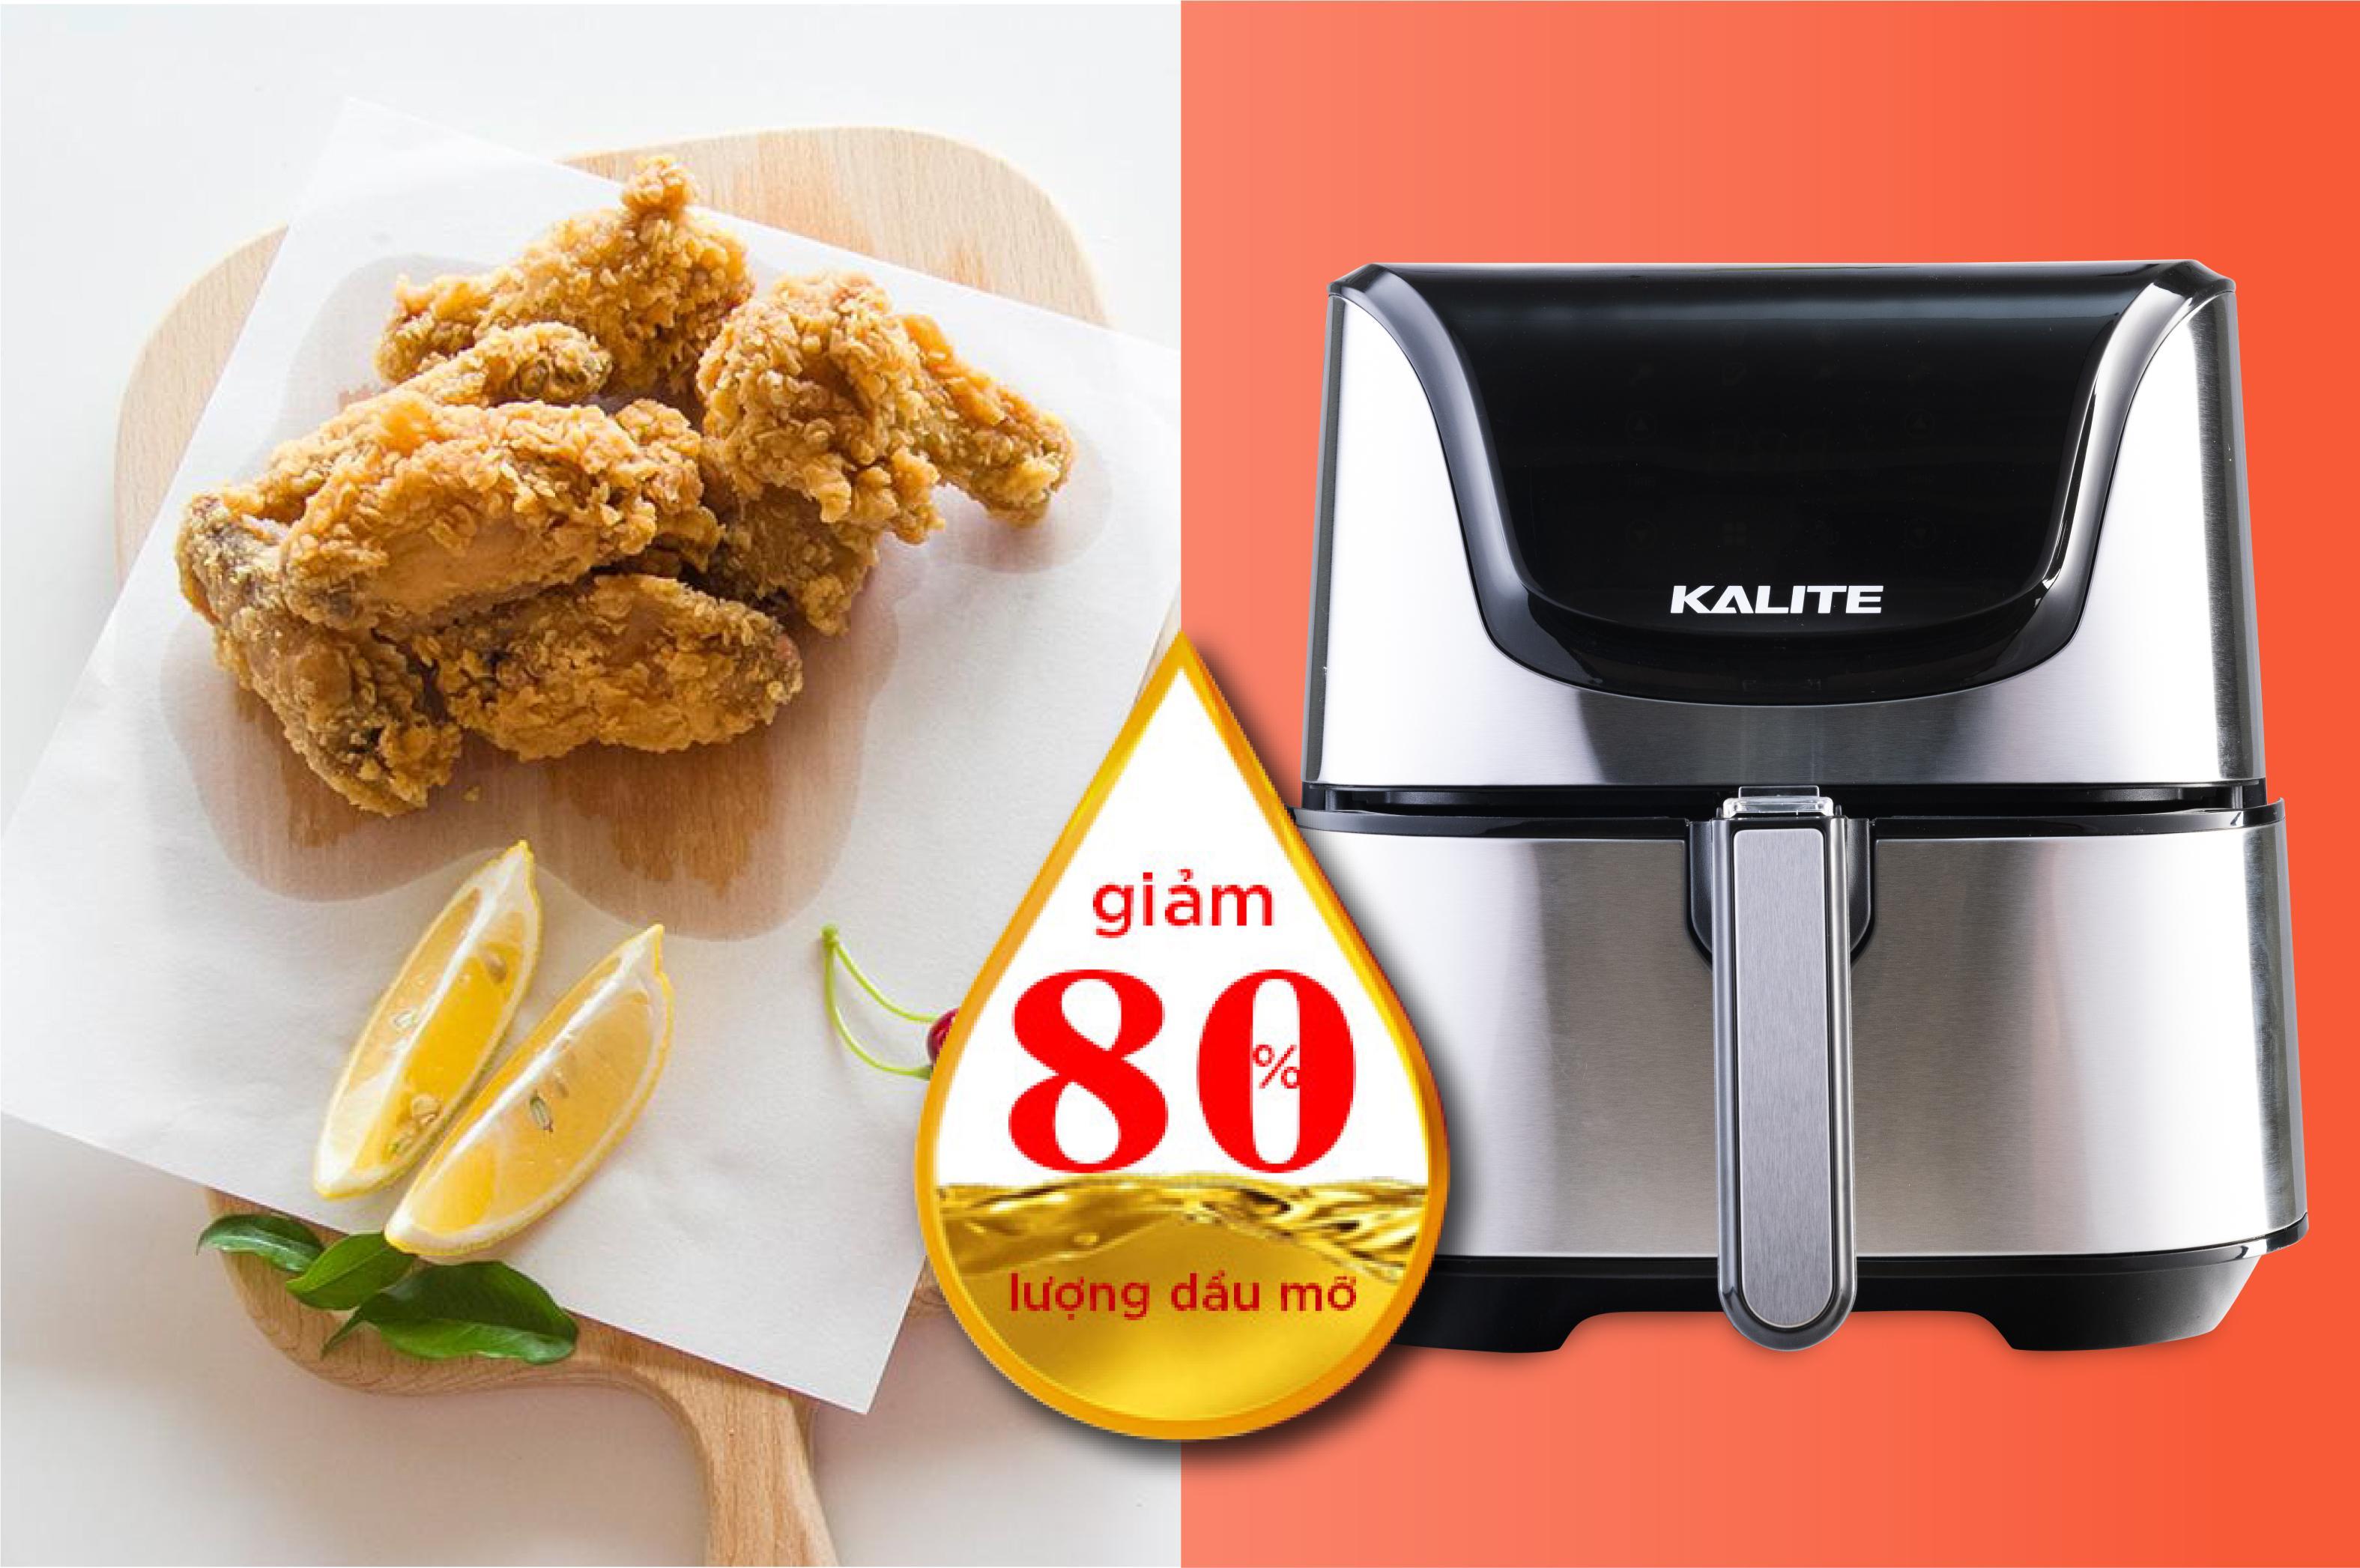 Nồi chiên không dầu Kalite Q6 tách béo thông minh